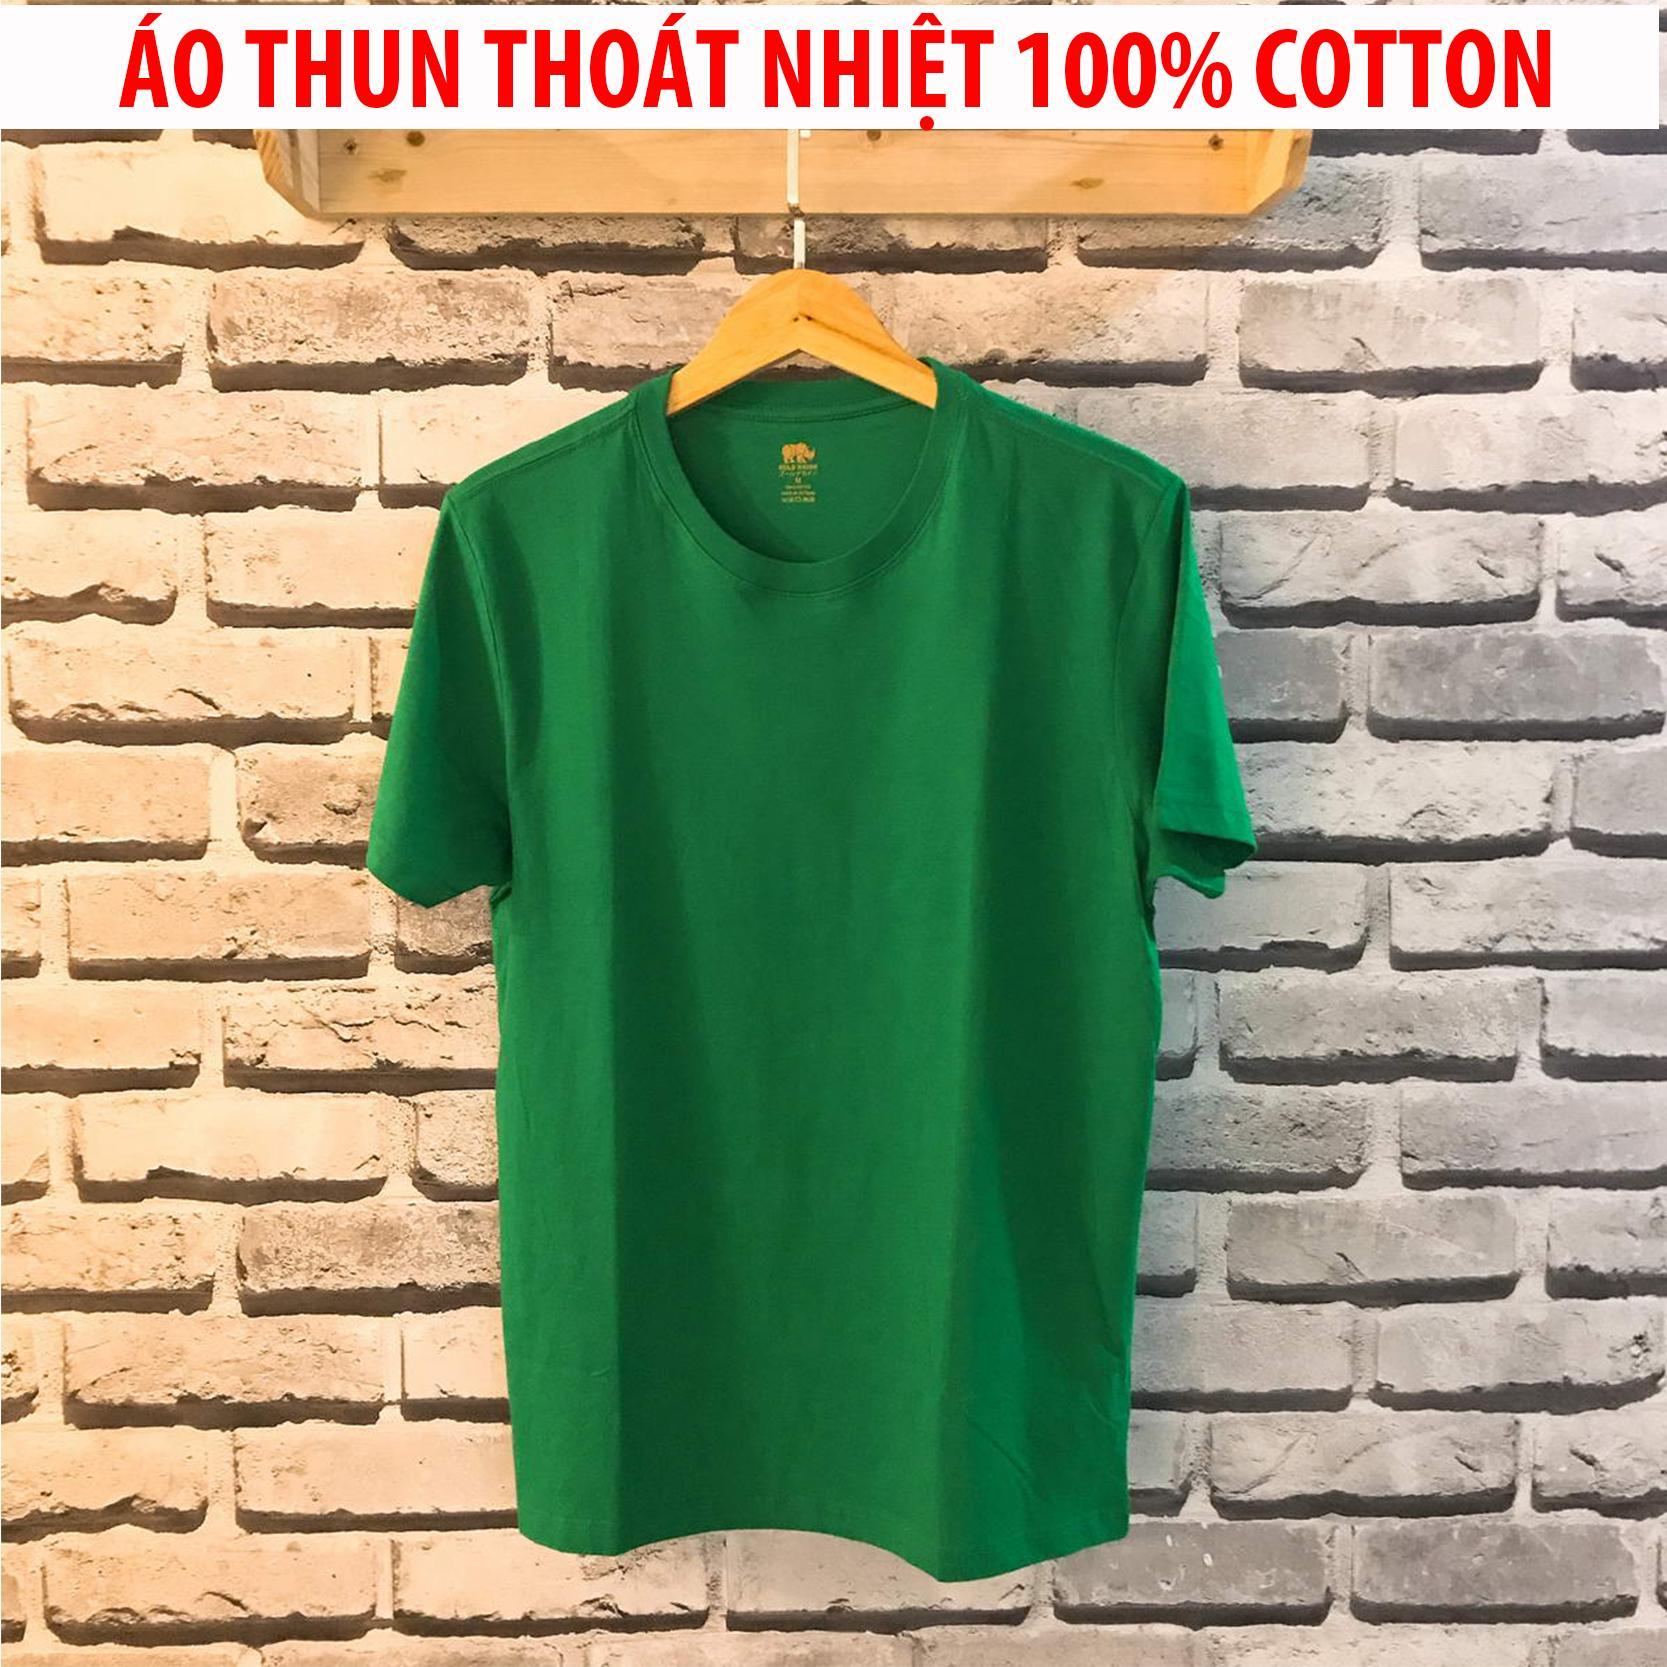 Chiết Khấu Sản Phẩm Ao Thun Nam Phong Cach Ao Thun Nam Mềm Mịn Mat